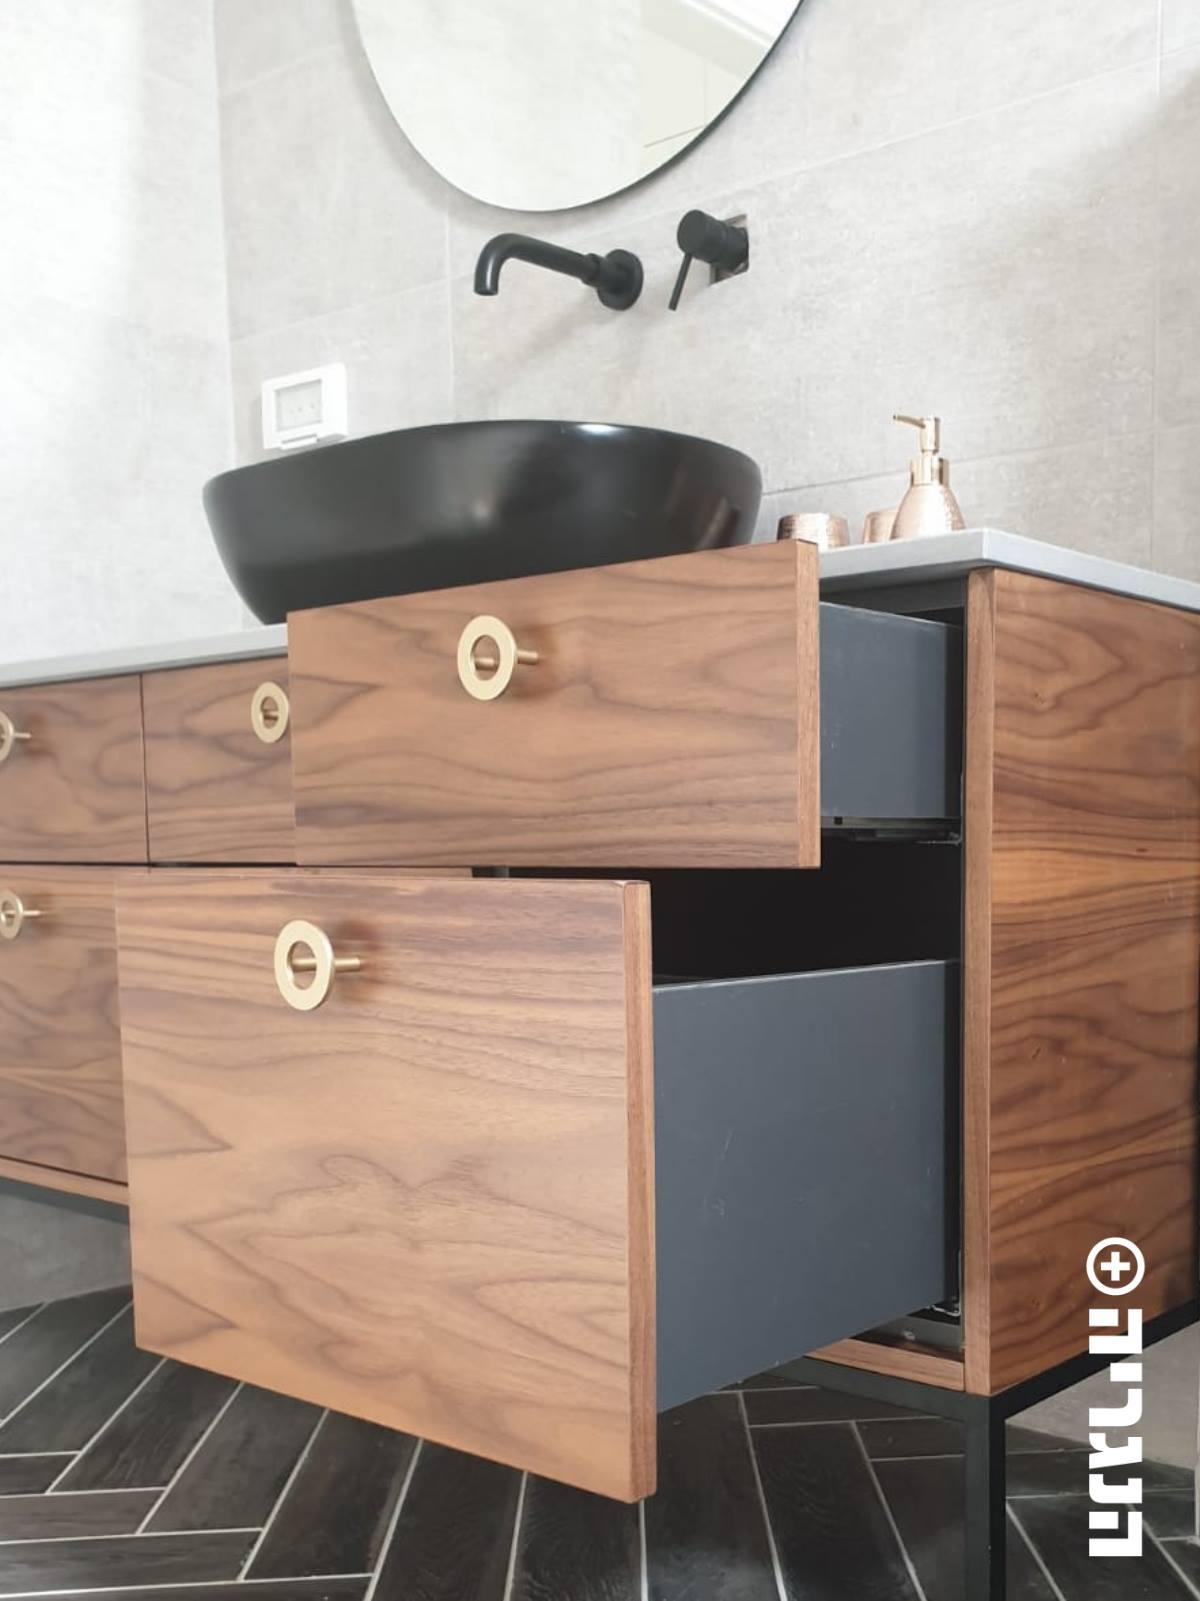 ארון אמבטיה פורניר על רגלי מתכת שחורות